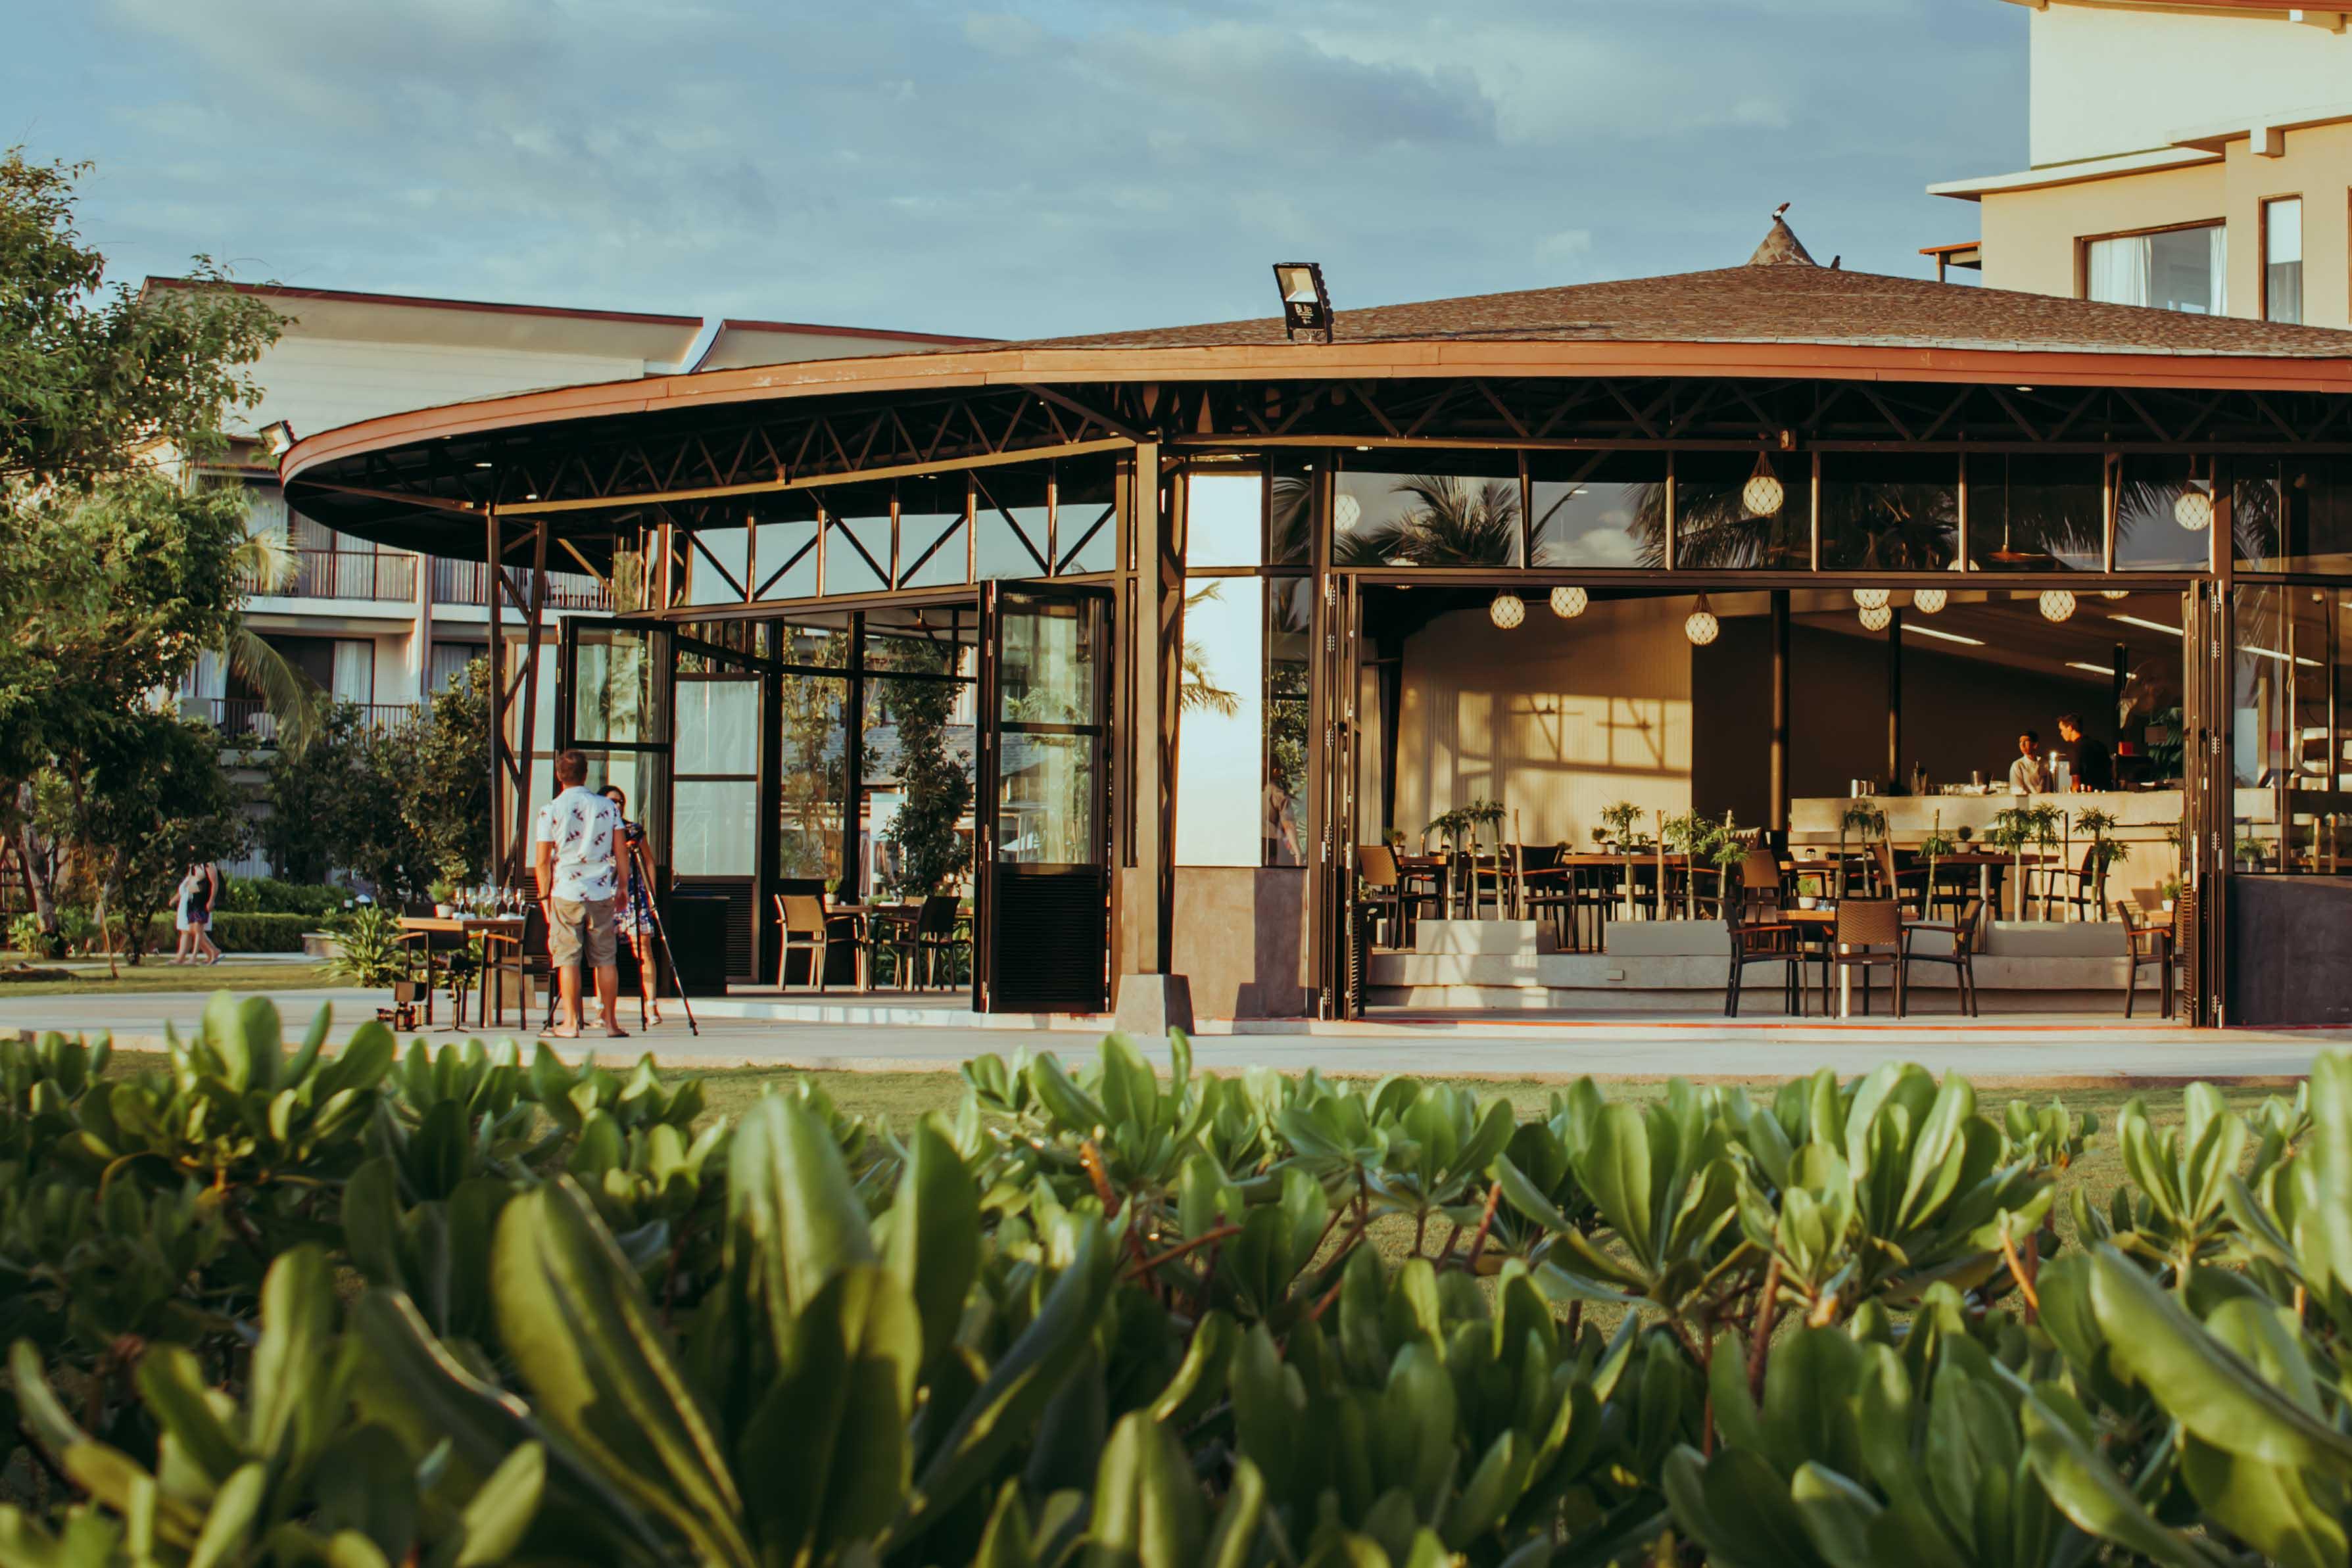 ได้ส่วนของห้องอาหาร-โซนอาหารและเครื่องดื่มถูกจัดตกแต่งสุดสวยล้อมรอบไปด้วยต้นไม้สีเขียว เลอเมริเดียน,เขาหลัก,รีสอร์ท,แอนด์สปา,พังงา,lemeridien